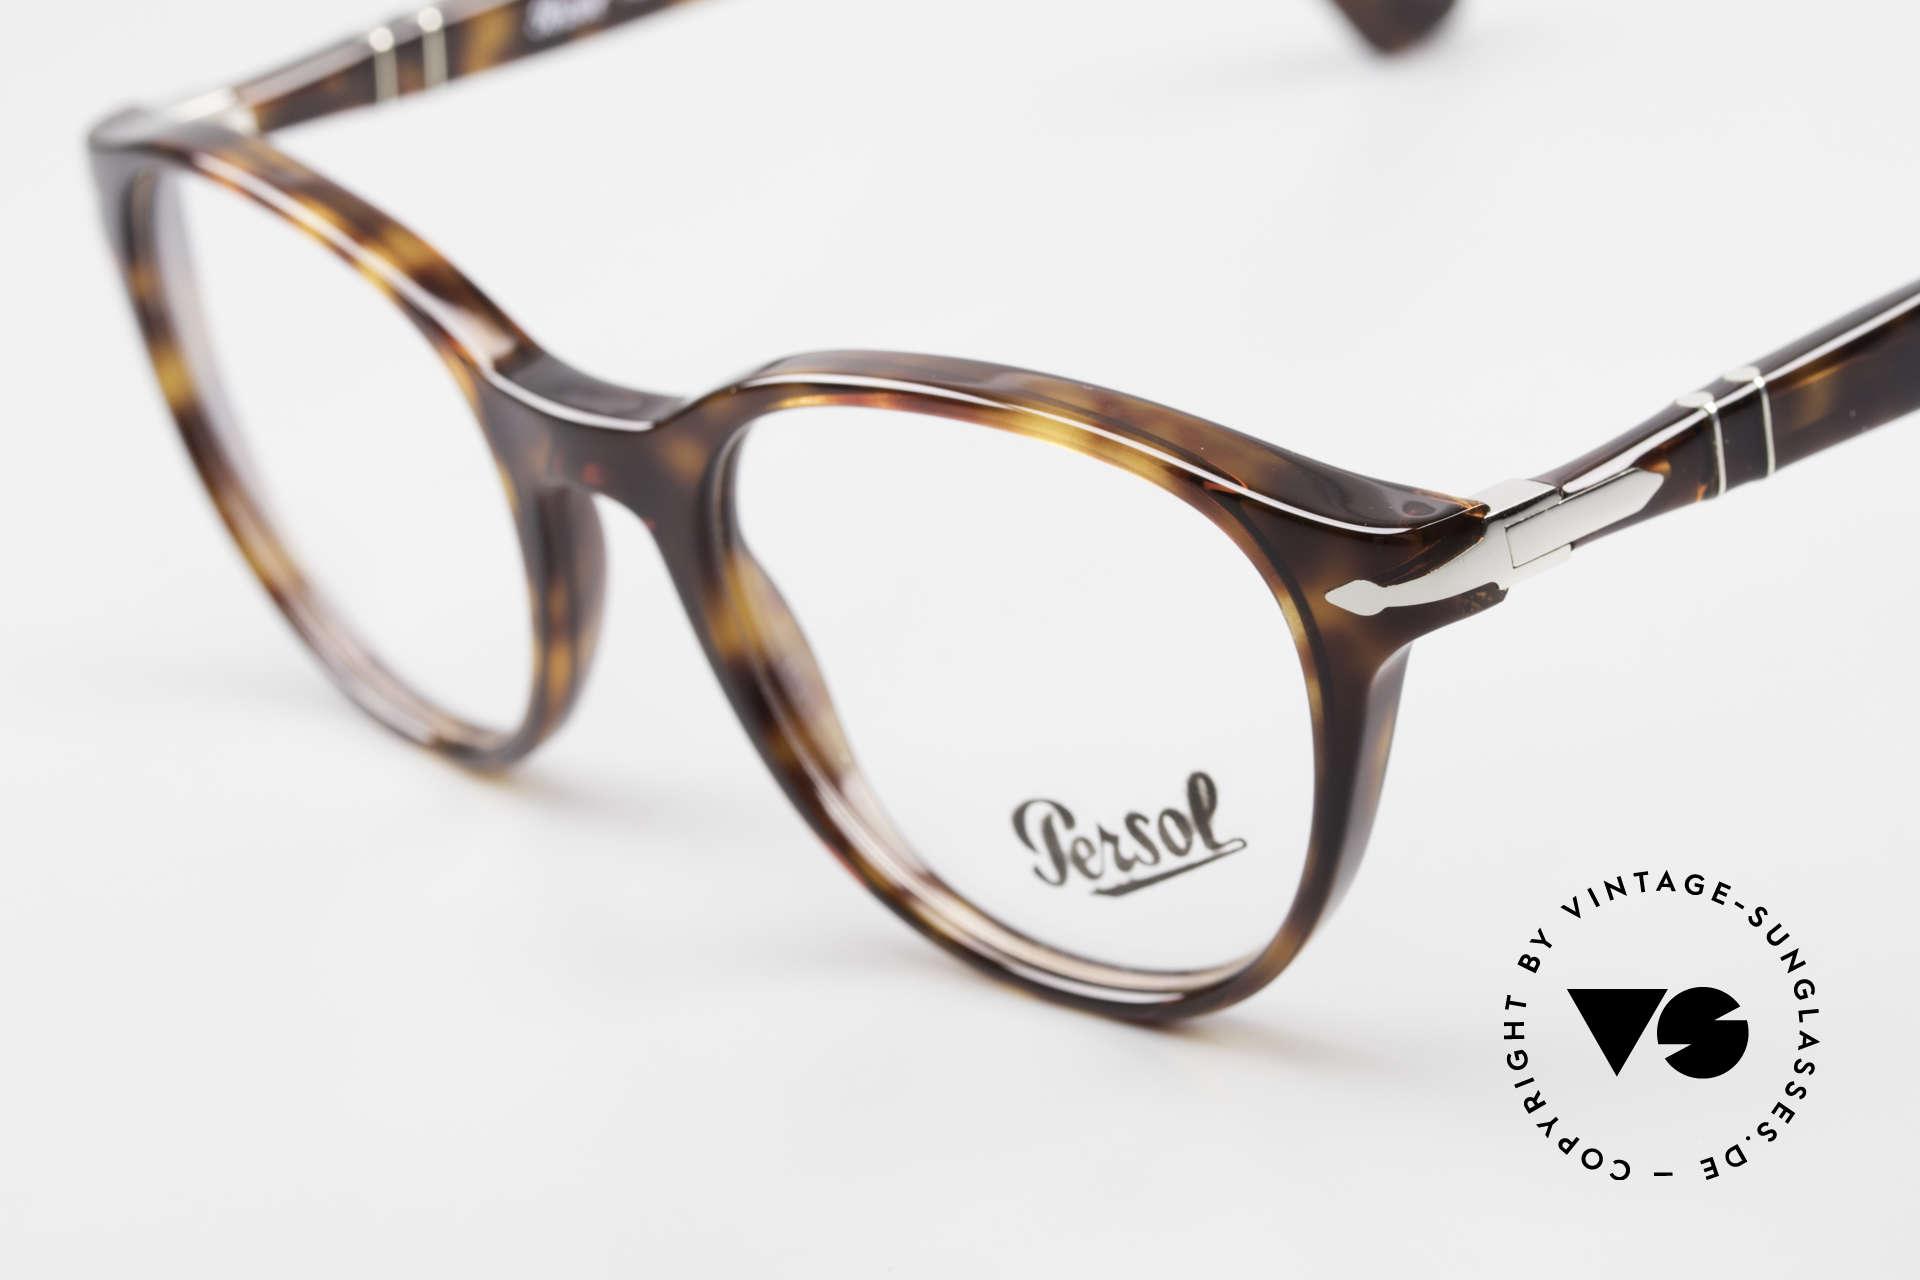 Persol 3153 Zeitlose Panto Unisex Brille, eine Neuauflage der alten Brillen von Persol Ratti, Passend für Herren und Damen